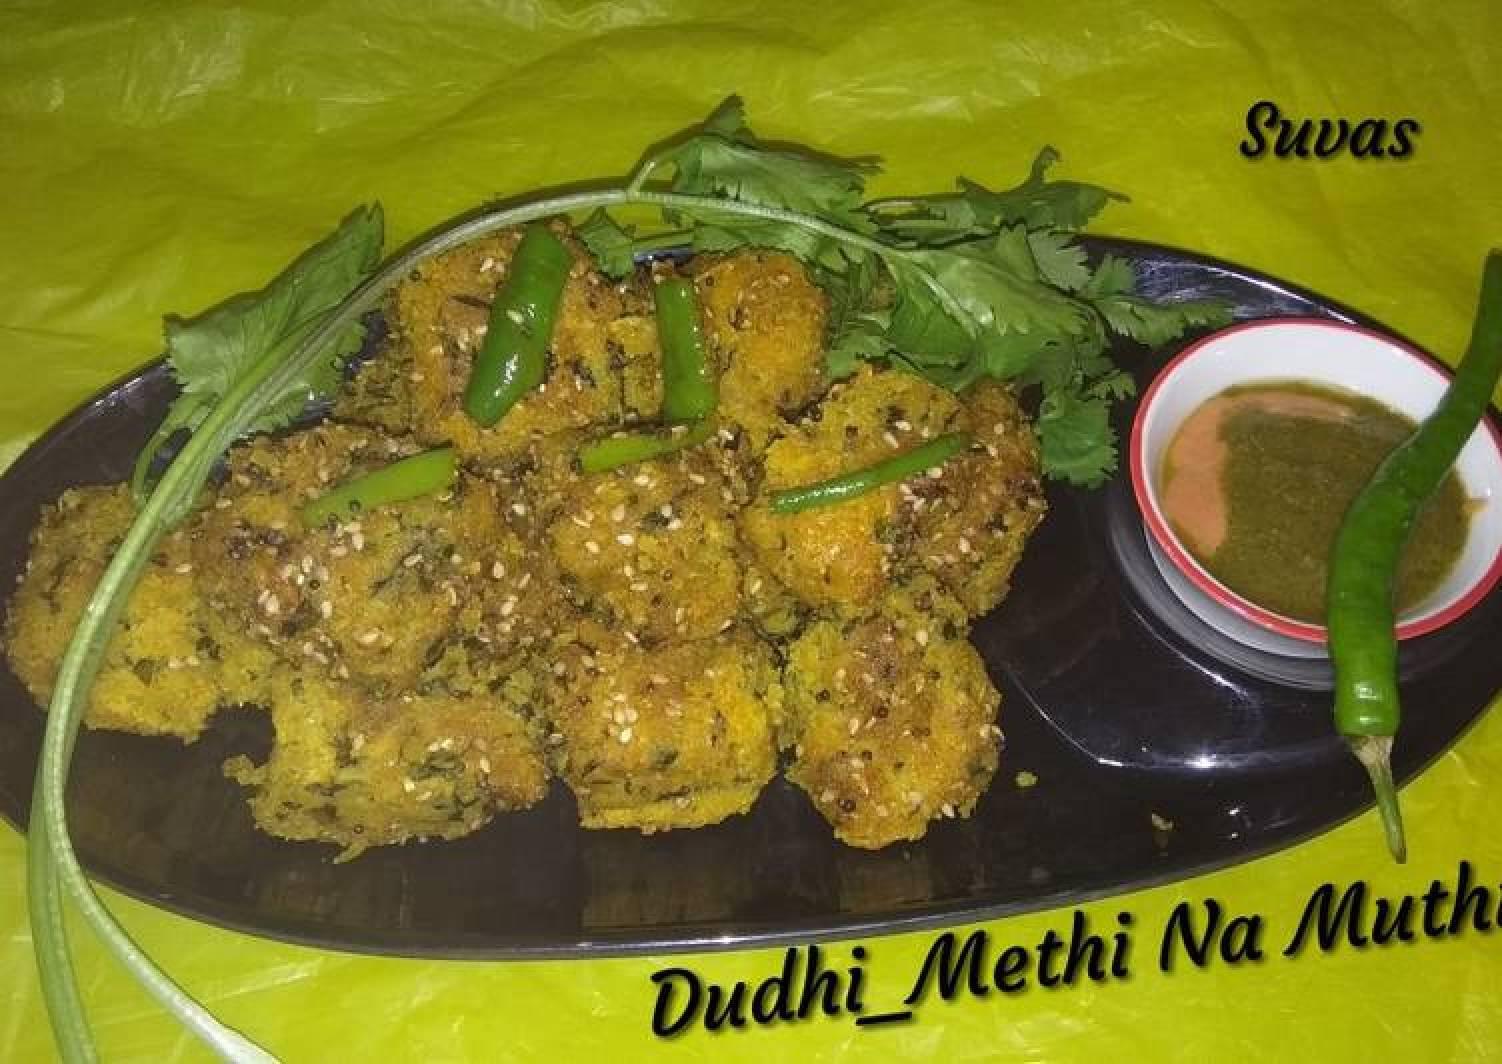 Dudhi (bottlegourd) And Methi (fenugreek) Muthiya